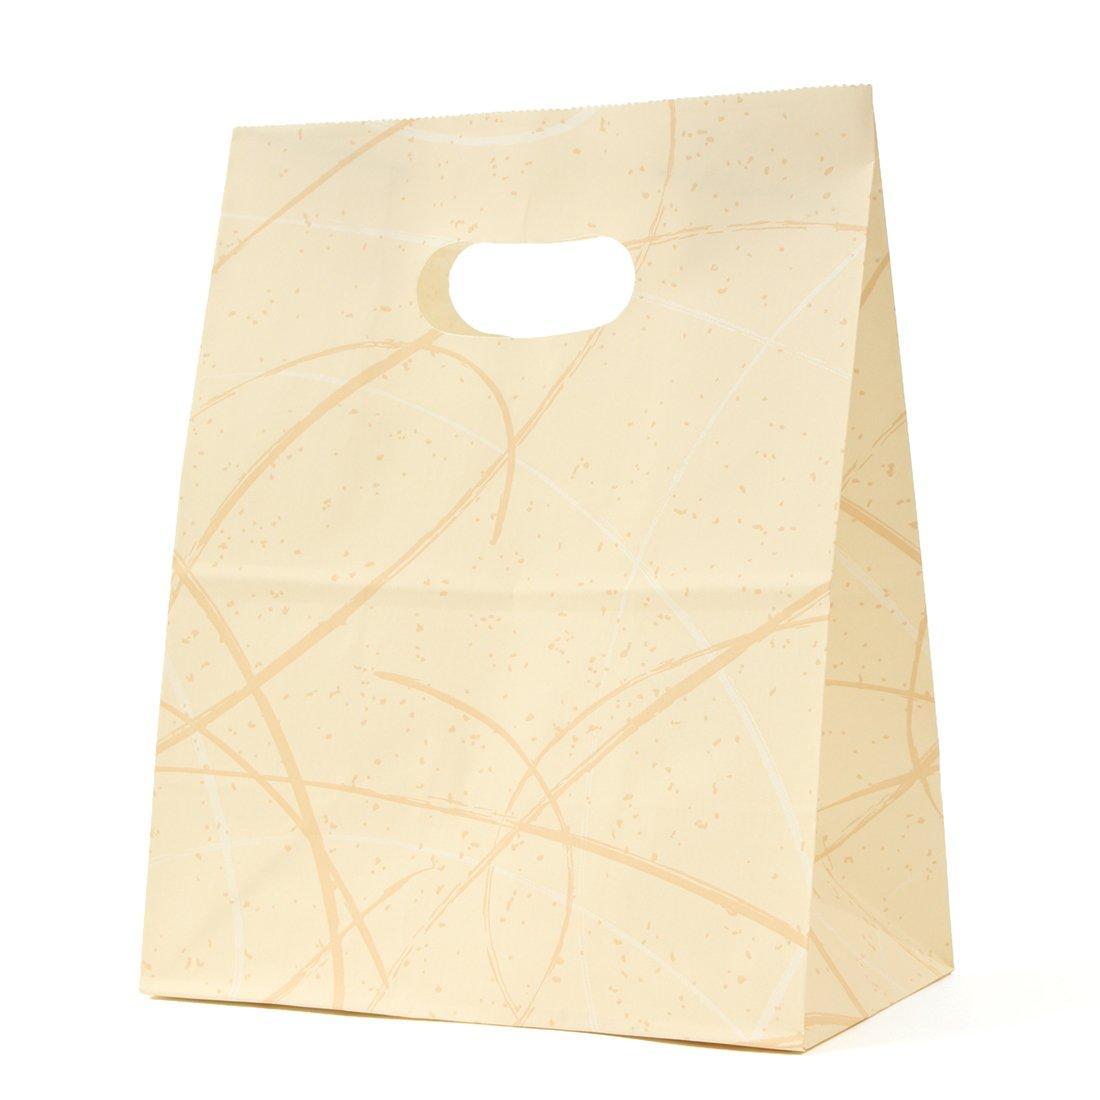 パックタケヤマ 紙袋 イーグリップ M ゆうびベージュ 50枚×10包 XZT52003【smtb-s】